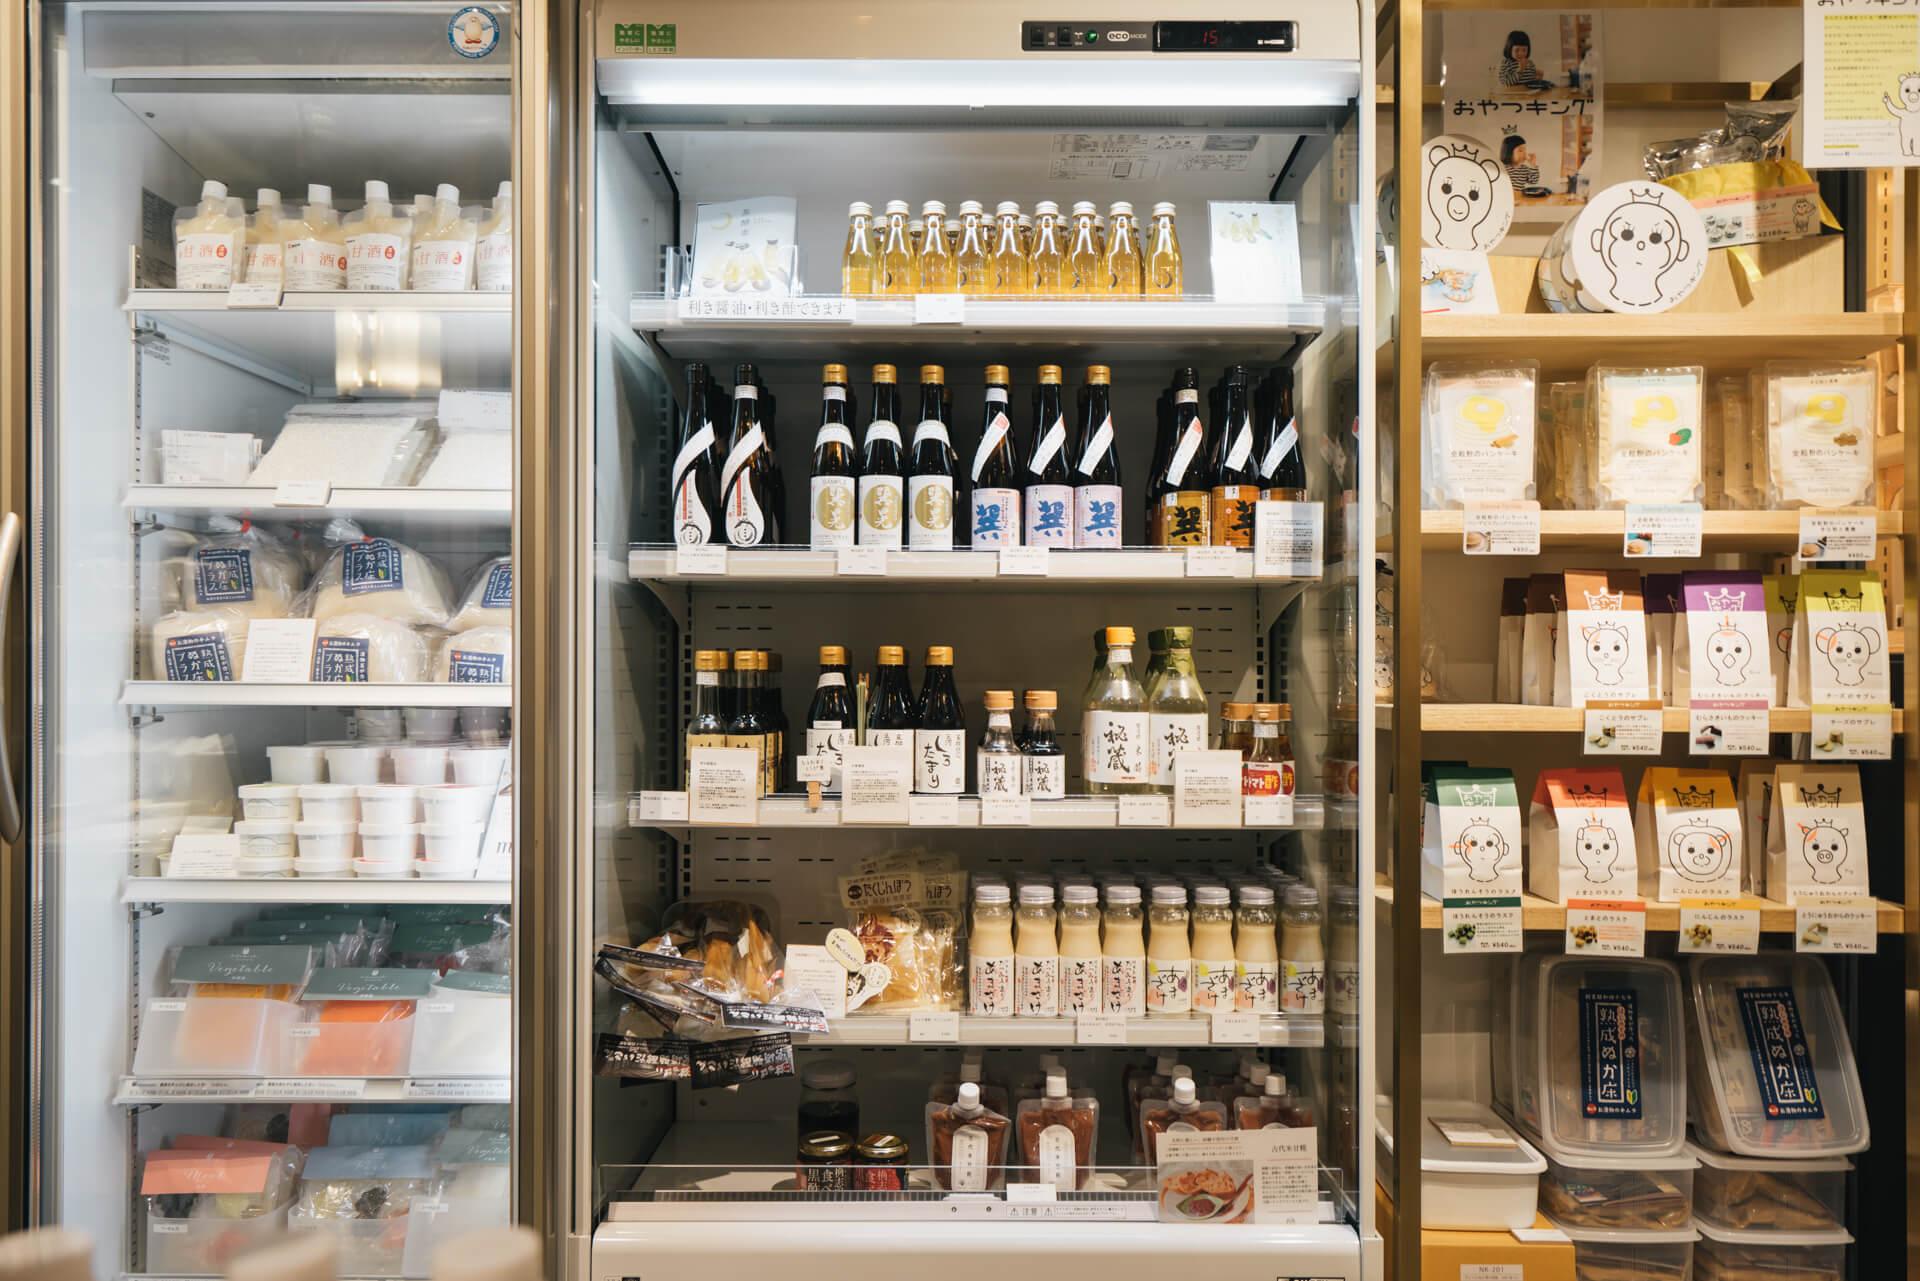 「Hakkou Room」には、ほかにも、数が少なく他ではなかなか手に入らないものなど、発酵食品を中心にいろんな食材がずらり。